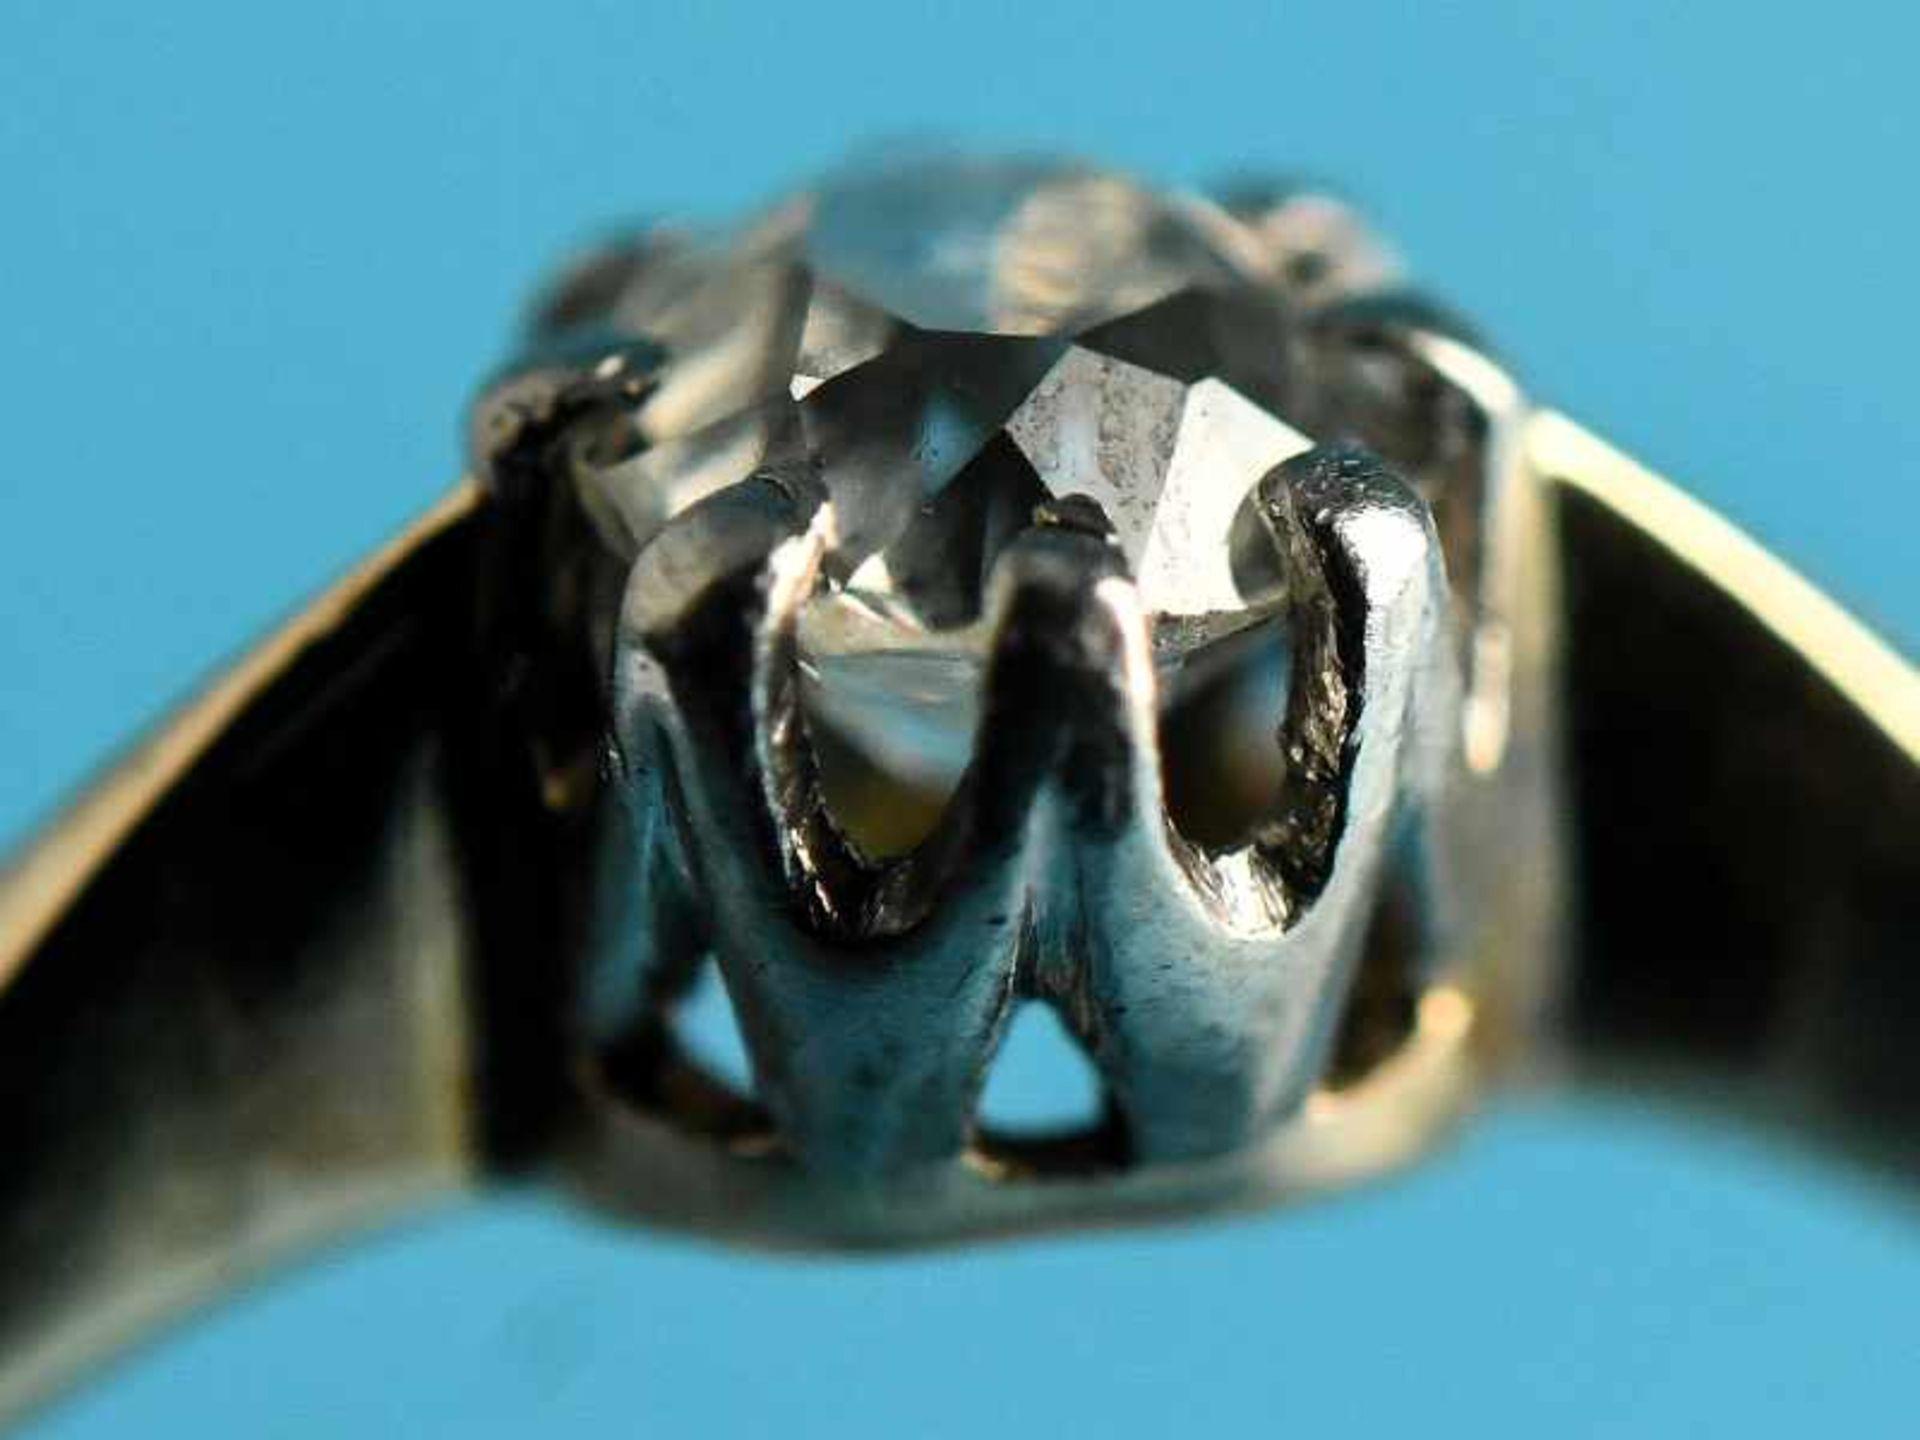 Ring mit Altschliff-Diamant ca. 0,4 ct, Anfang 20. Jh. 585/- Gelb- und Weißgold. Gesamtgewicht ca. - Bild 4 aus 4